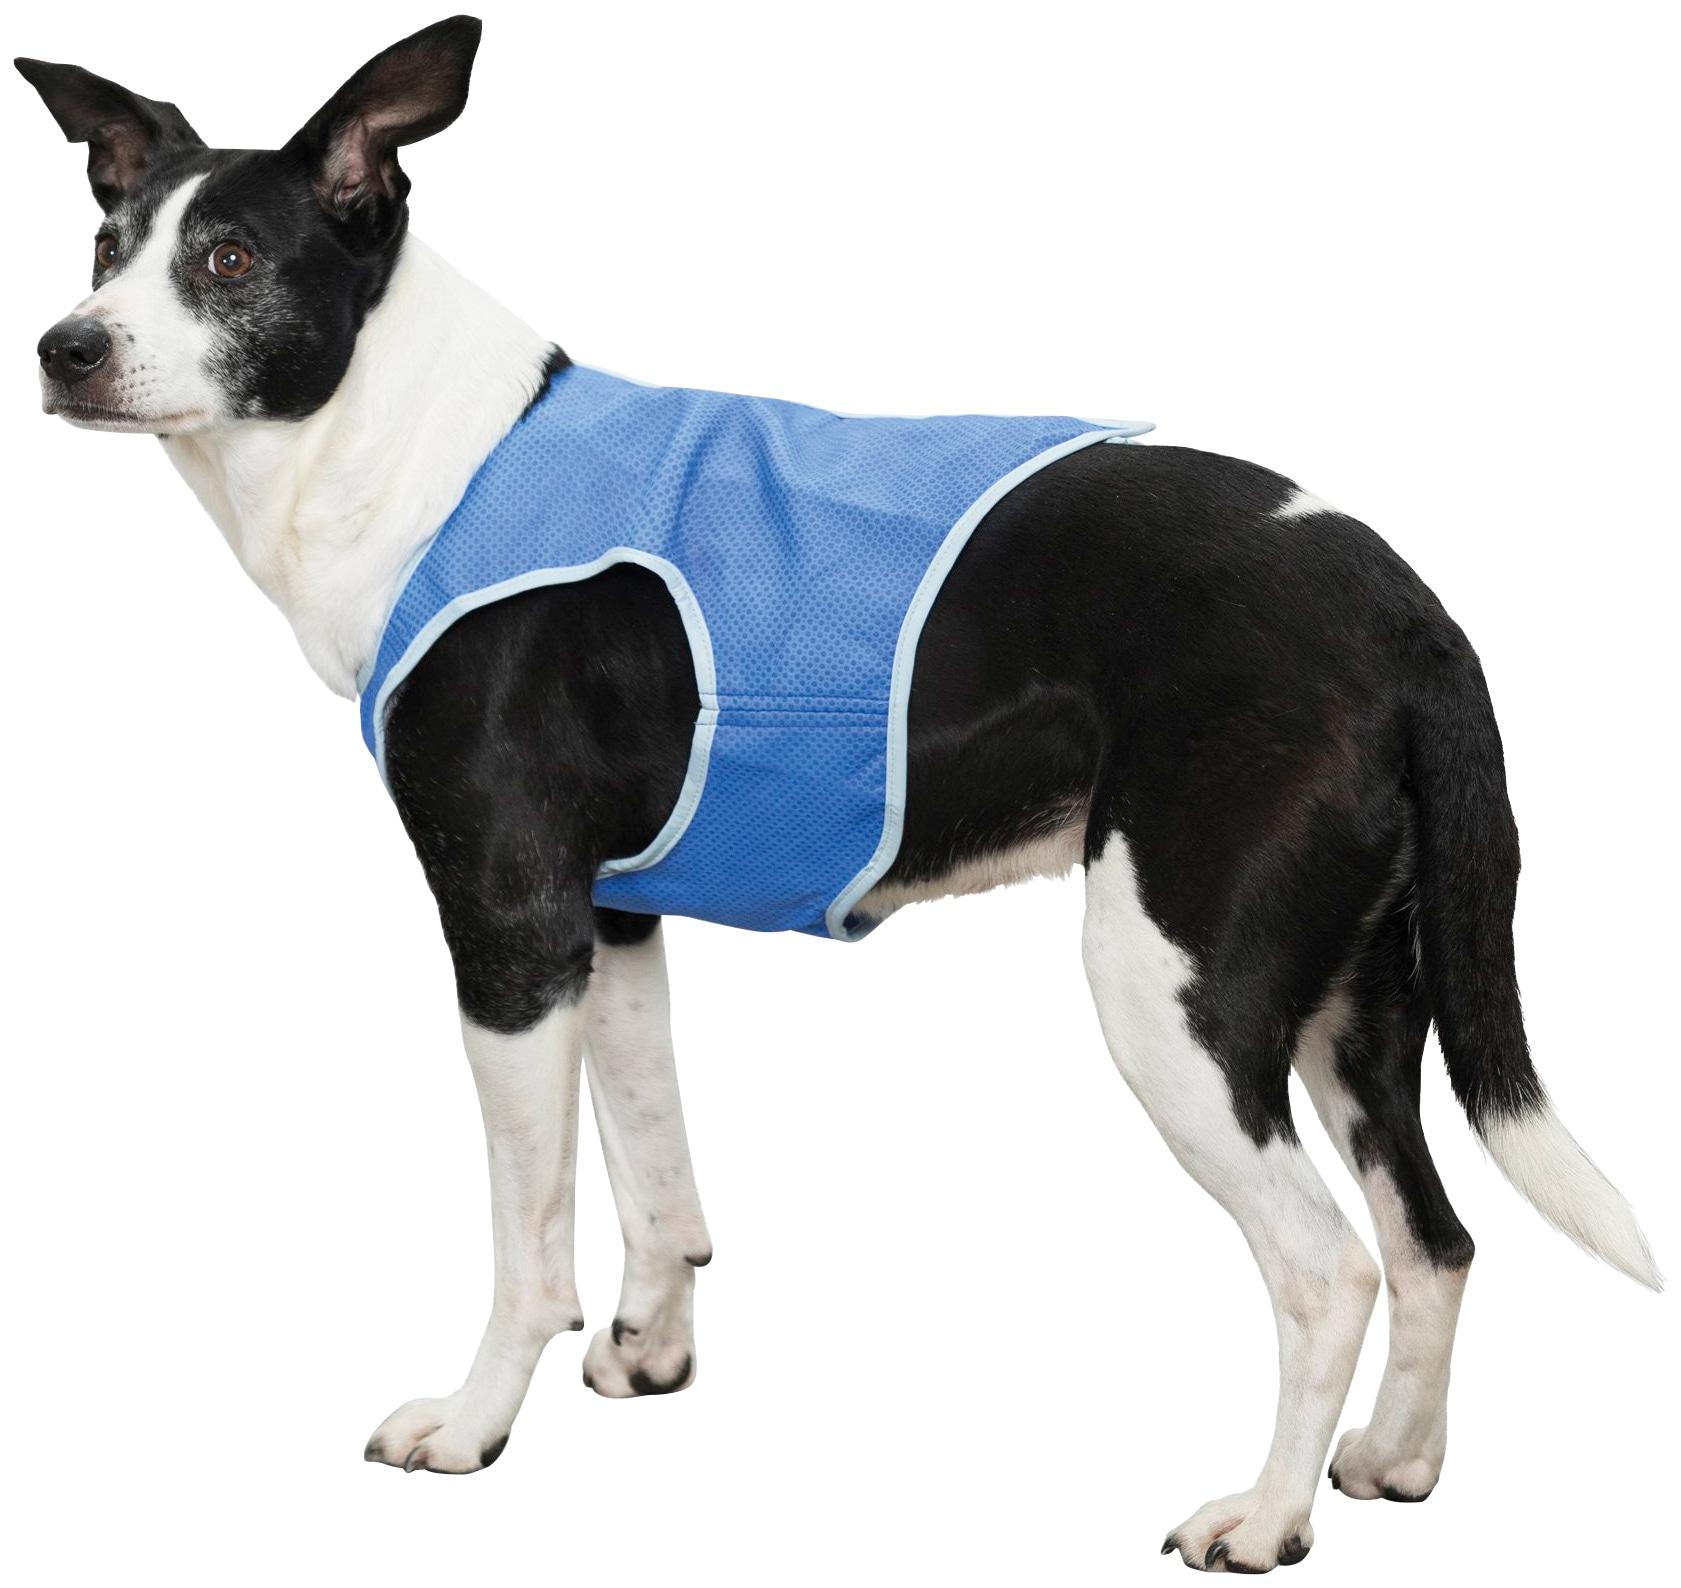 TRIXIE Hundeweste, Kunststoff, mit Kühlfunktion, in versch. Größen blau Hundeweste Hundebekleidung Hund Tierbedarf